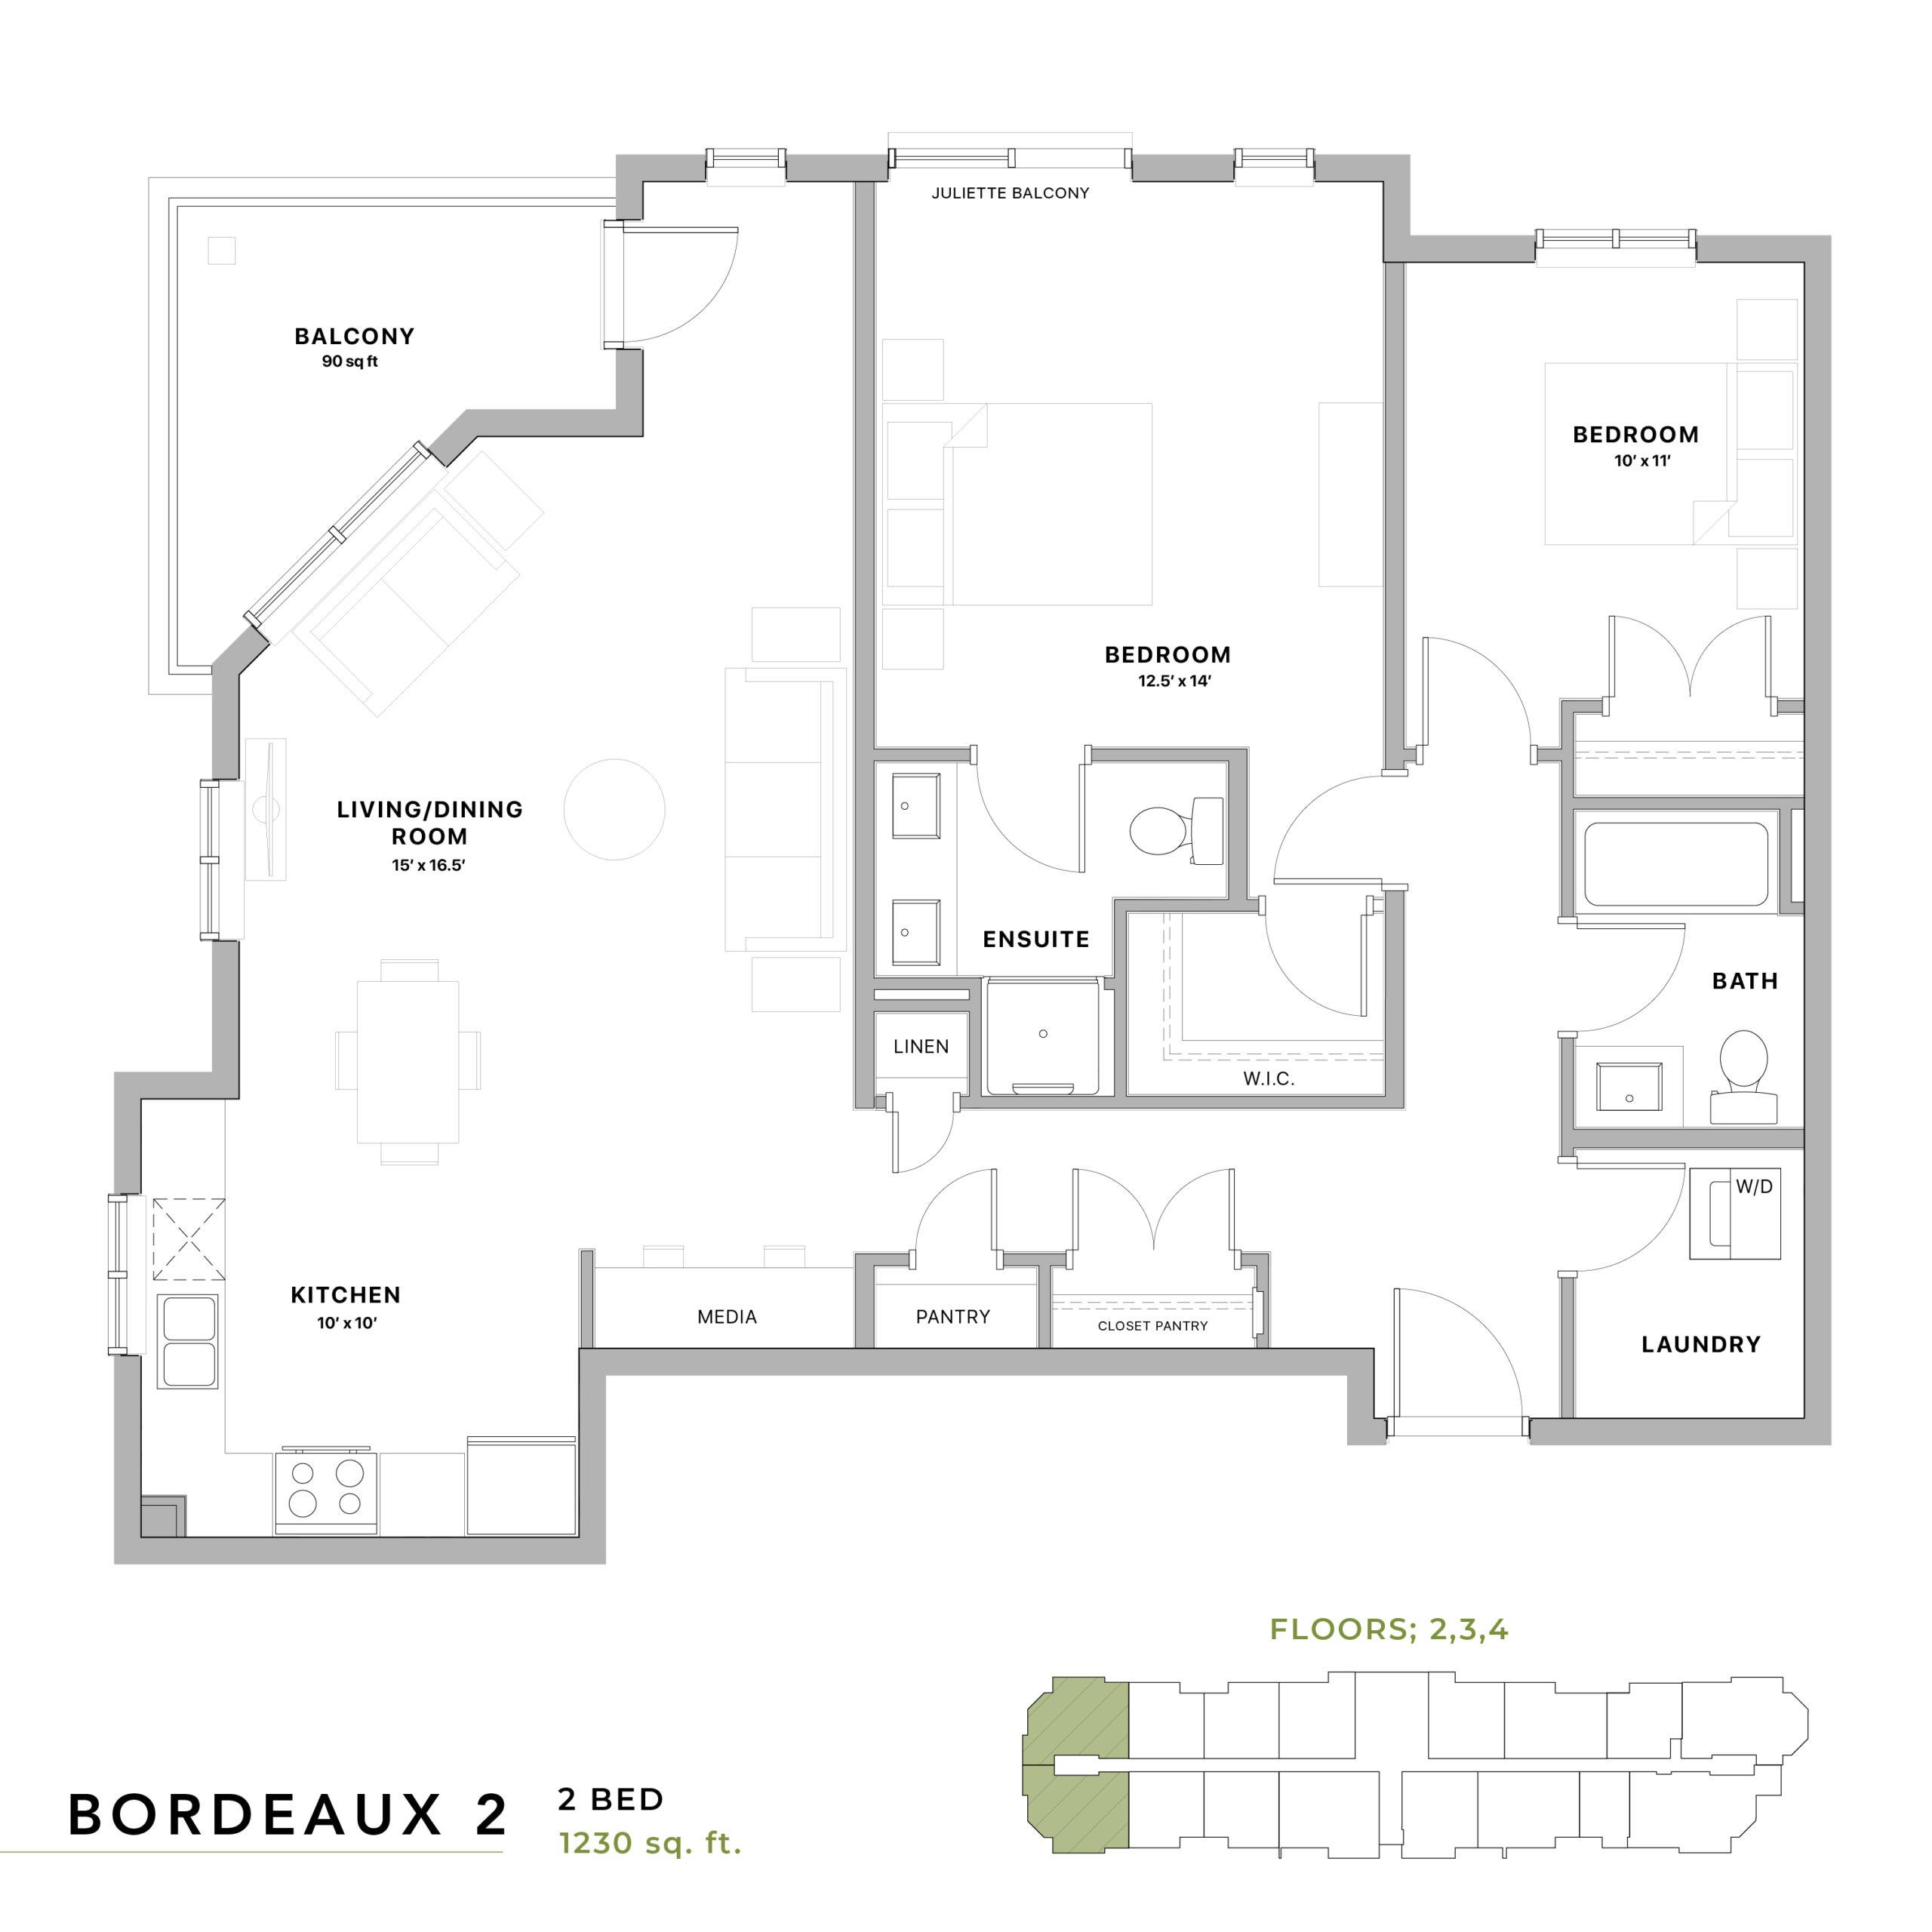 Bordeaux 2 Floorplan